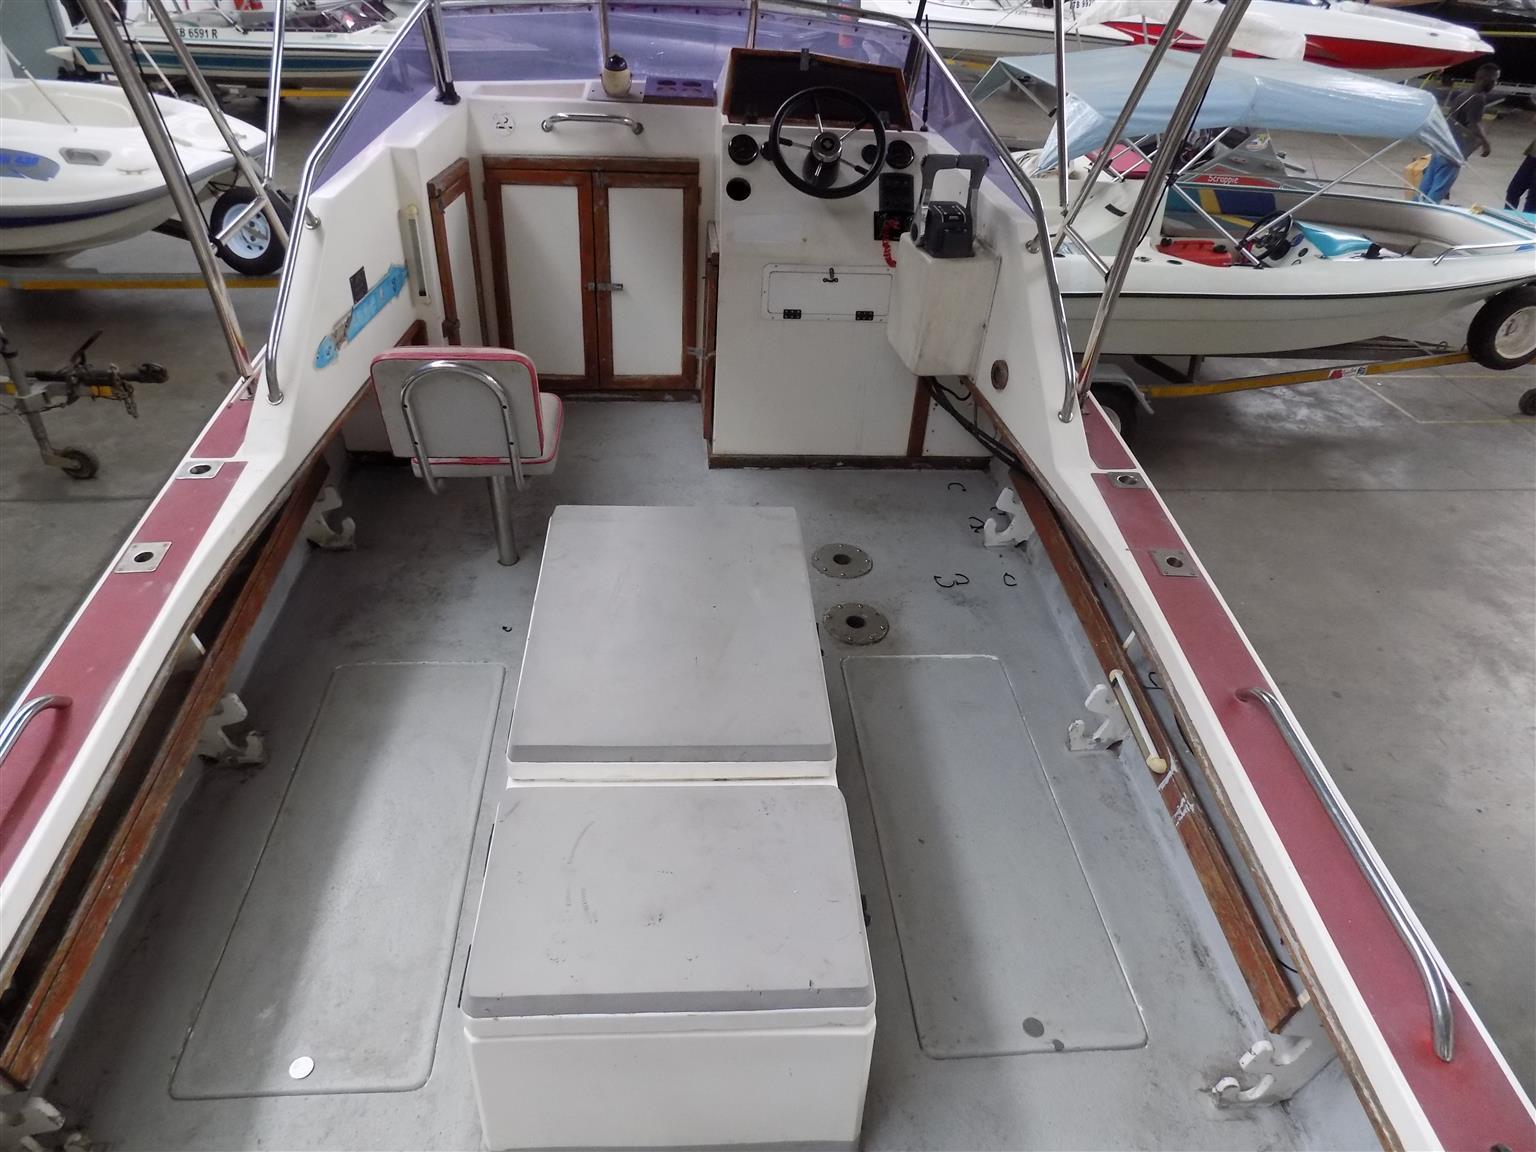 acecat 555 on trailer 2 x 90 suzuki 4 strokes